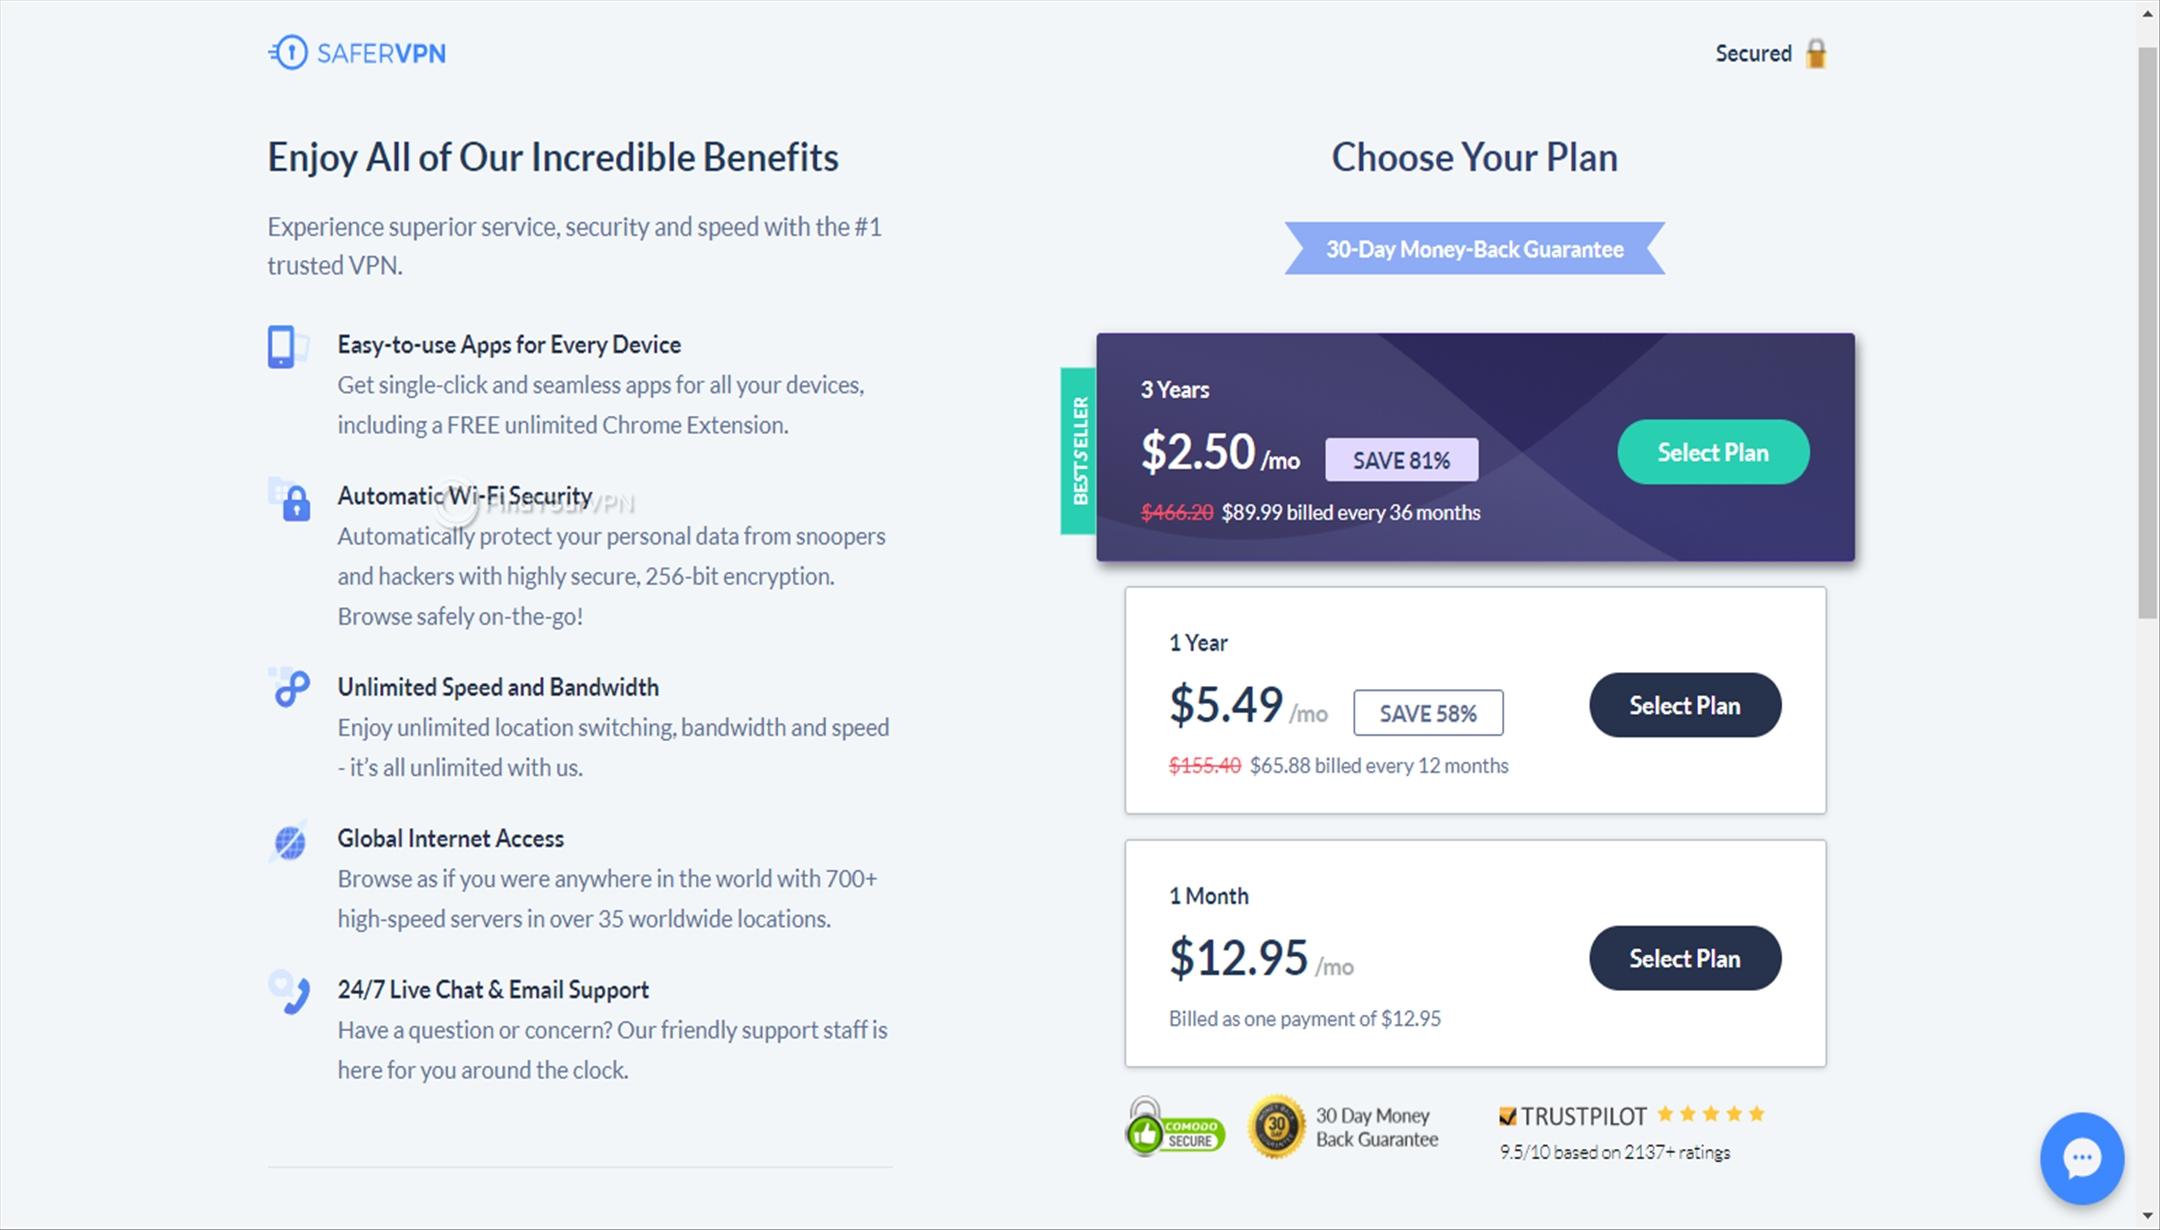 Choosing a SaferVPN plan